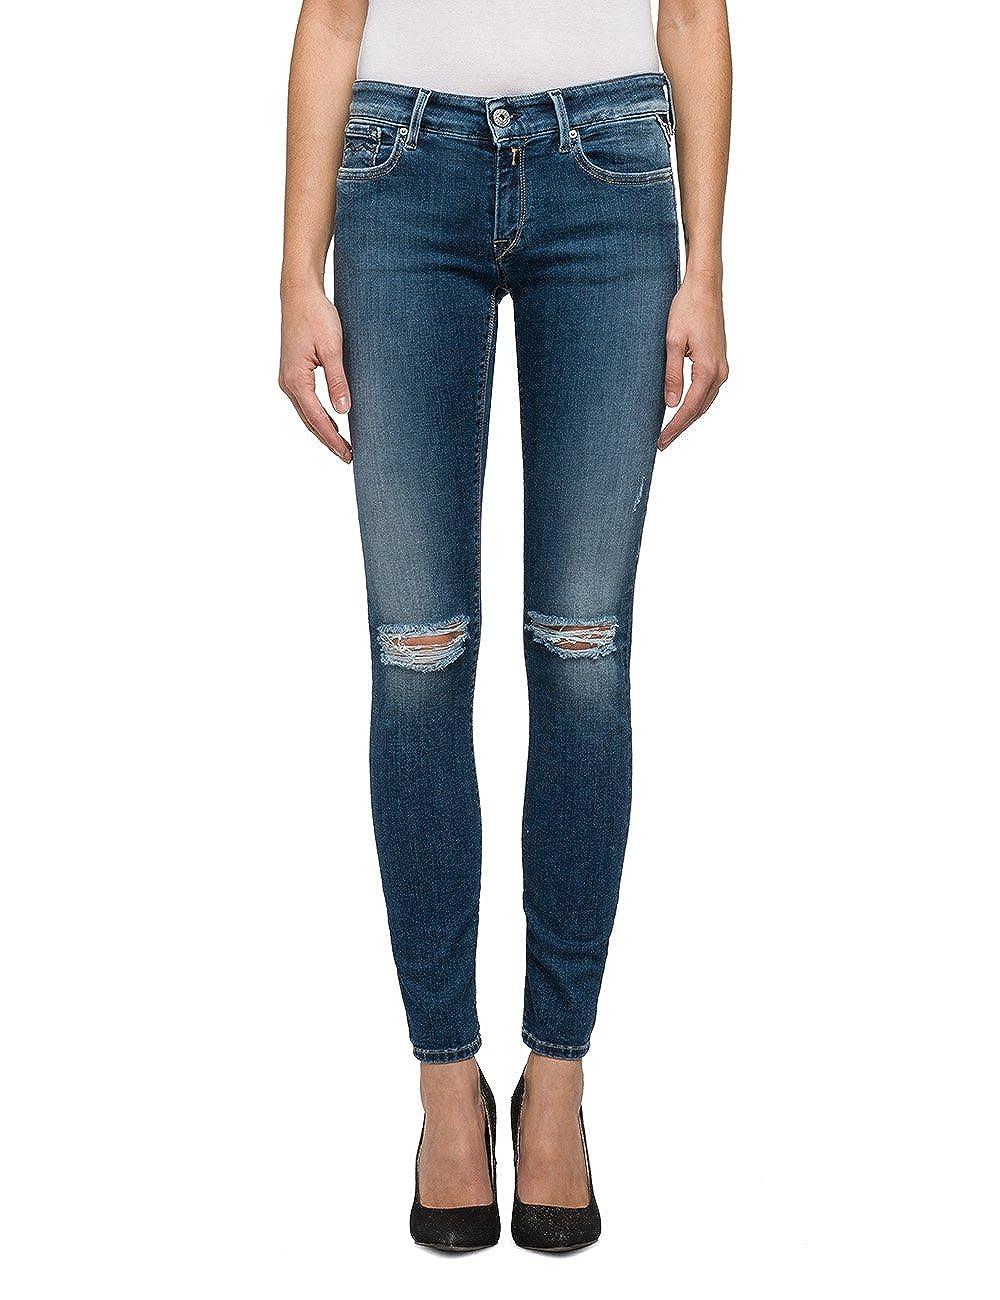 TALLA 24W / 32L. REPLAY Luz Jeans Ajustados para Mujer